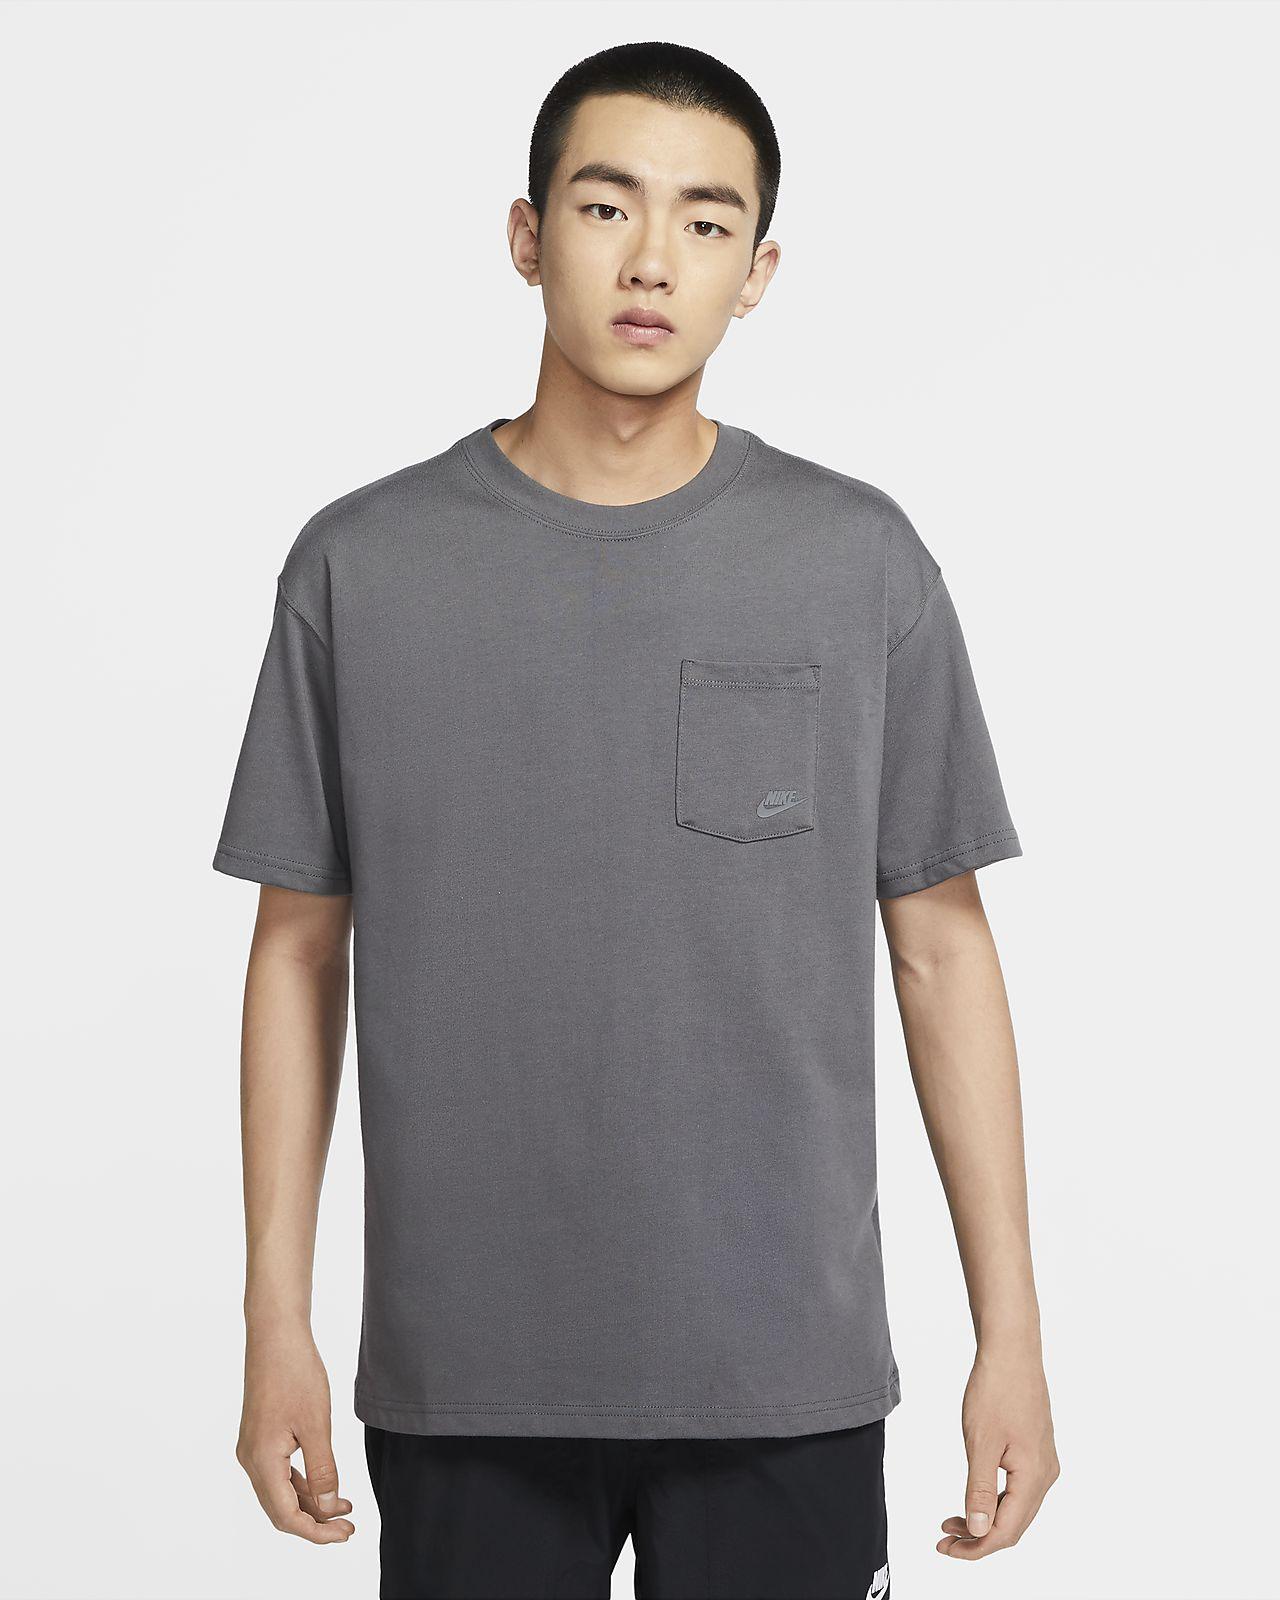 Nike Sportswear 男子口袋T恤